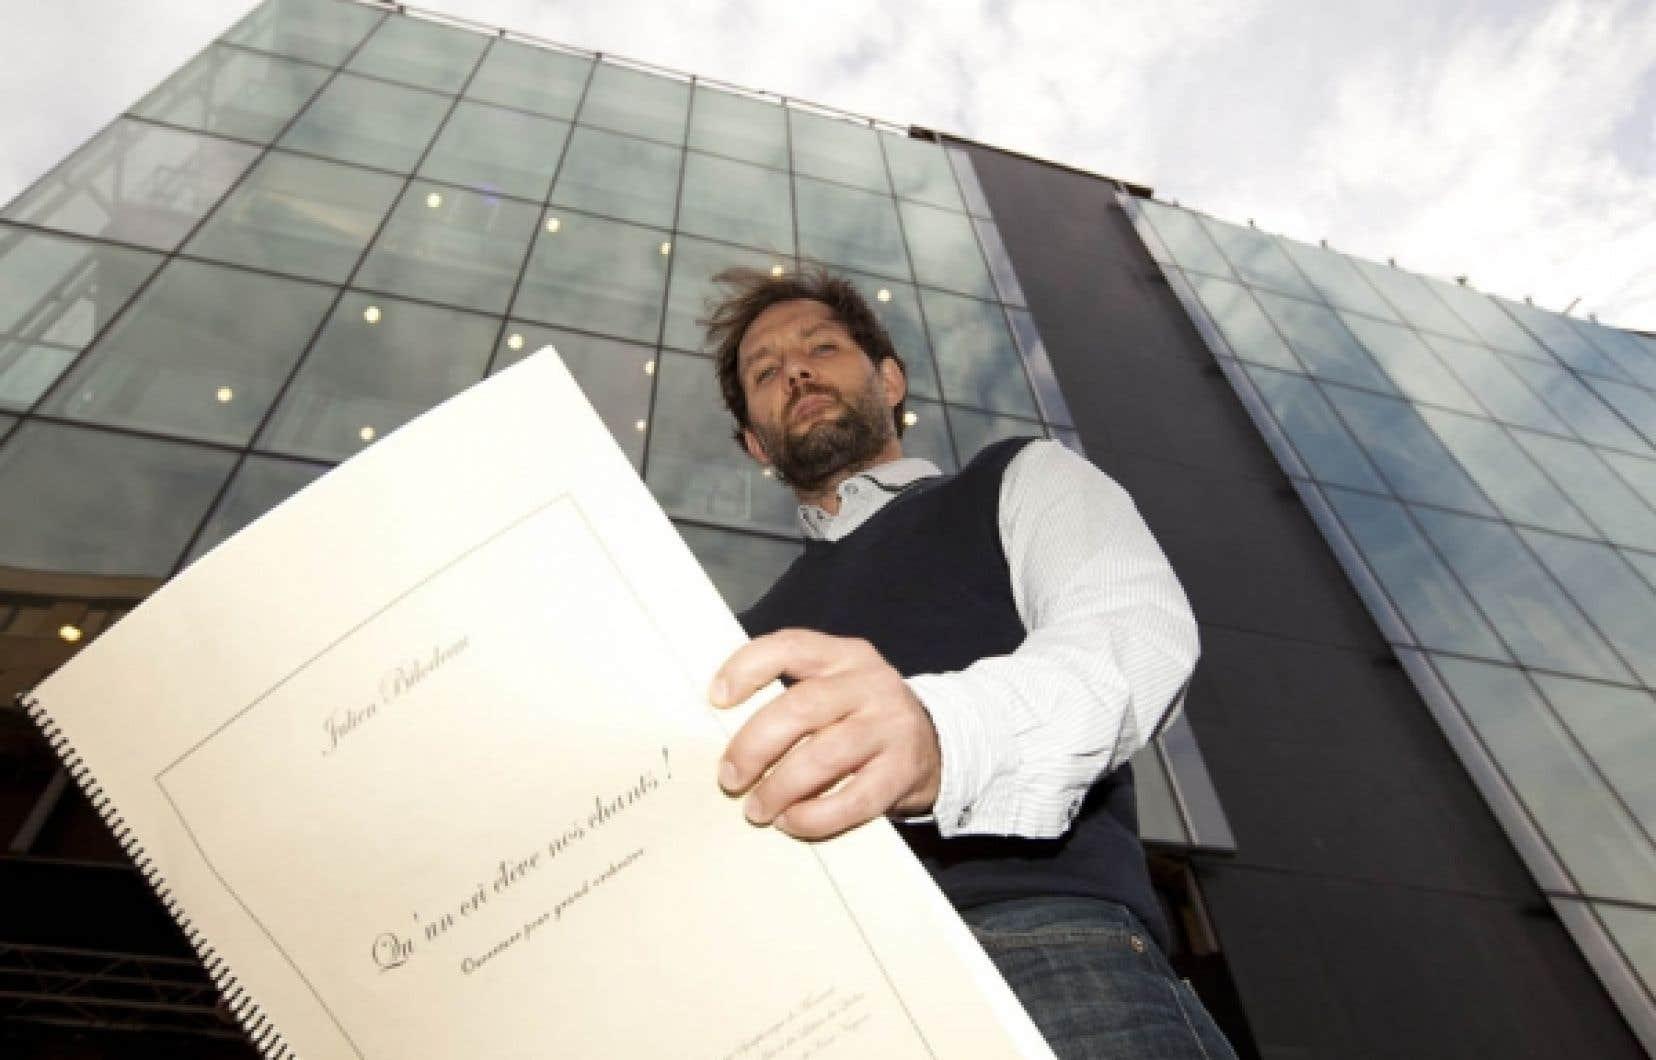 Julien Bilodeau, un compositeur de 36 ans, a d&eacute;j&agrave; fait ses preuves en mati&egrave;re de composition orchestrale.<br />